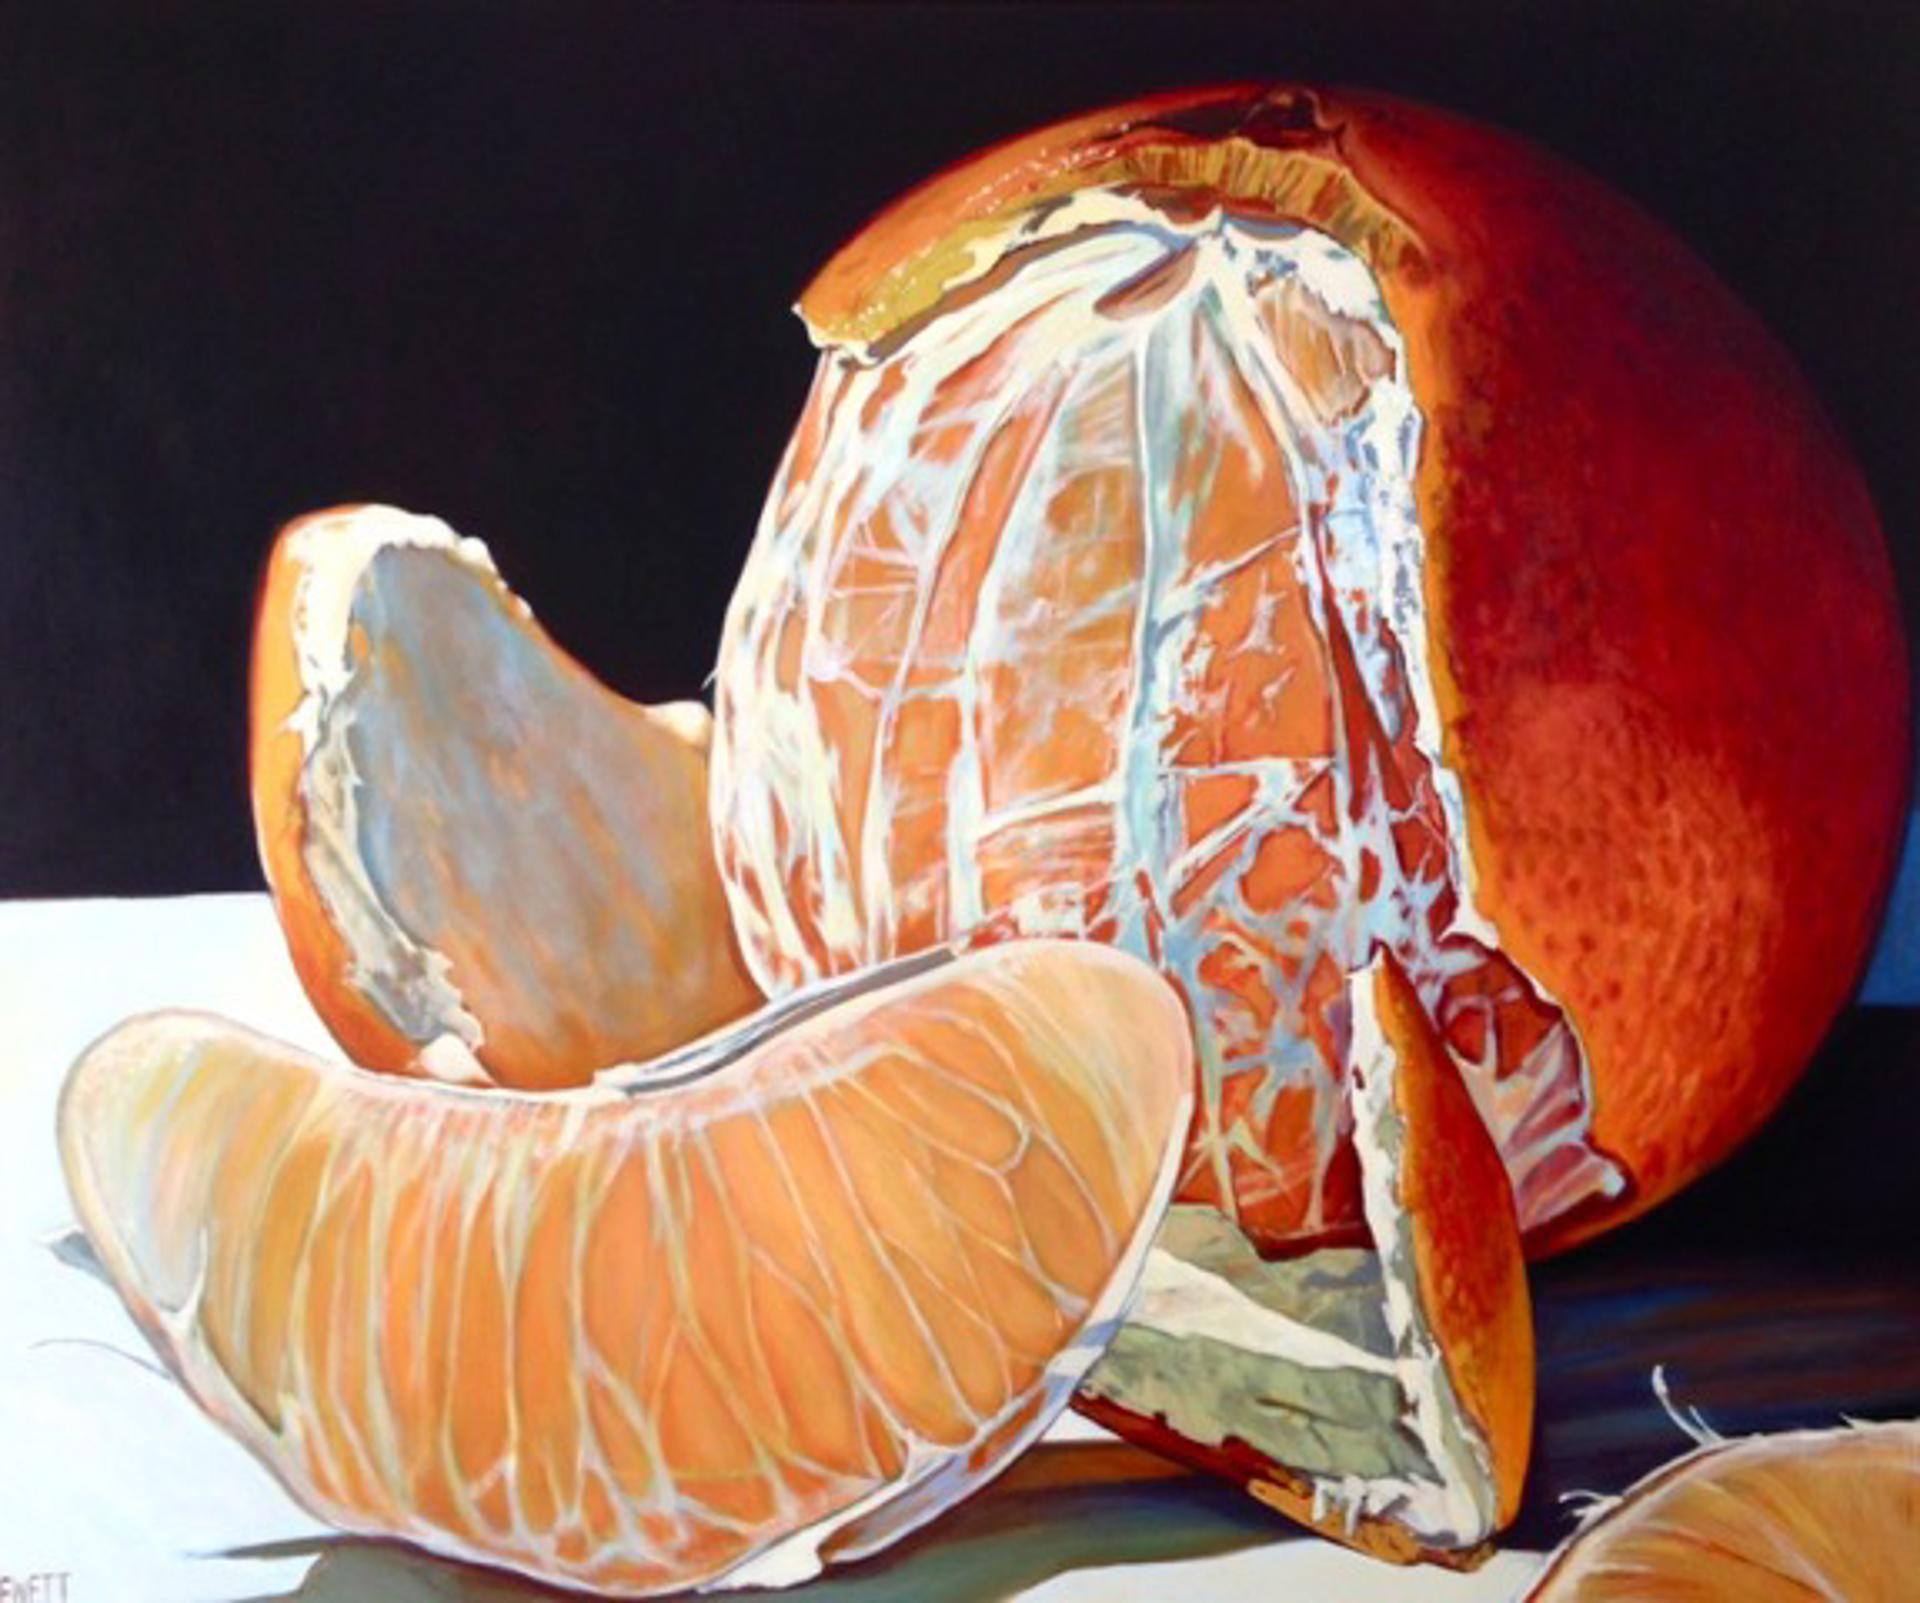 Oranges by Scott Hewett